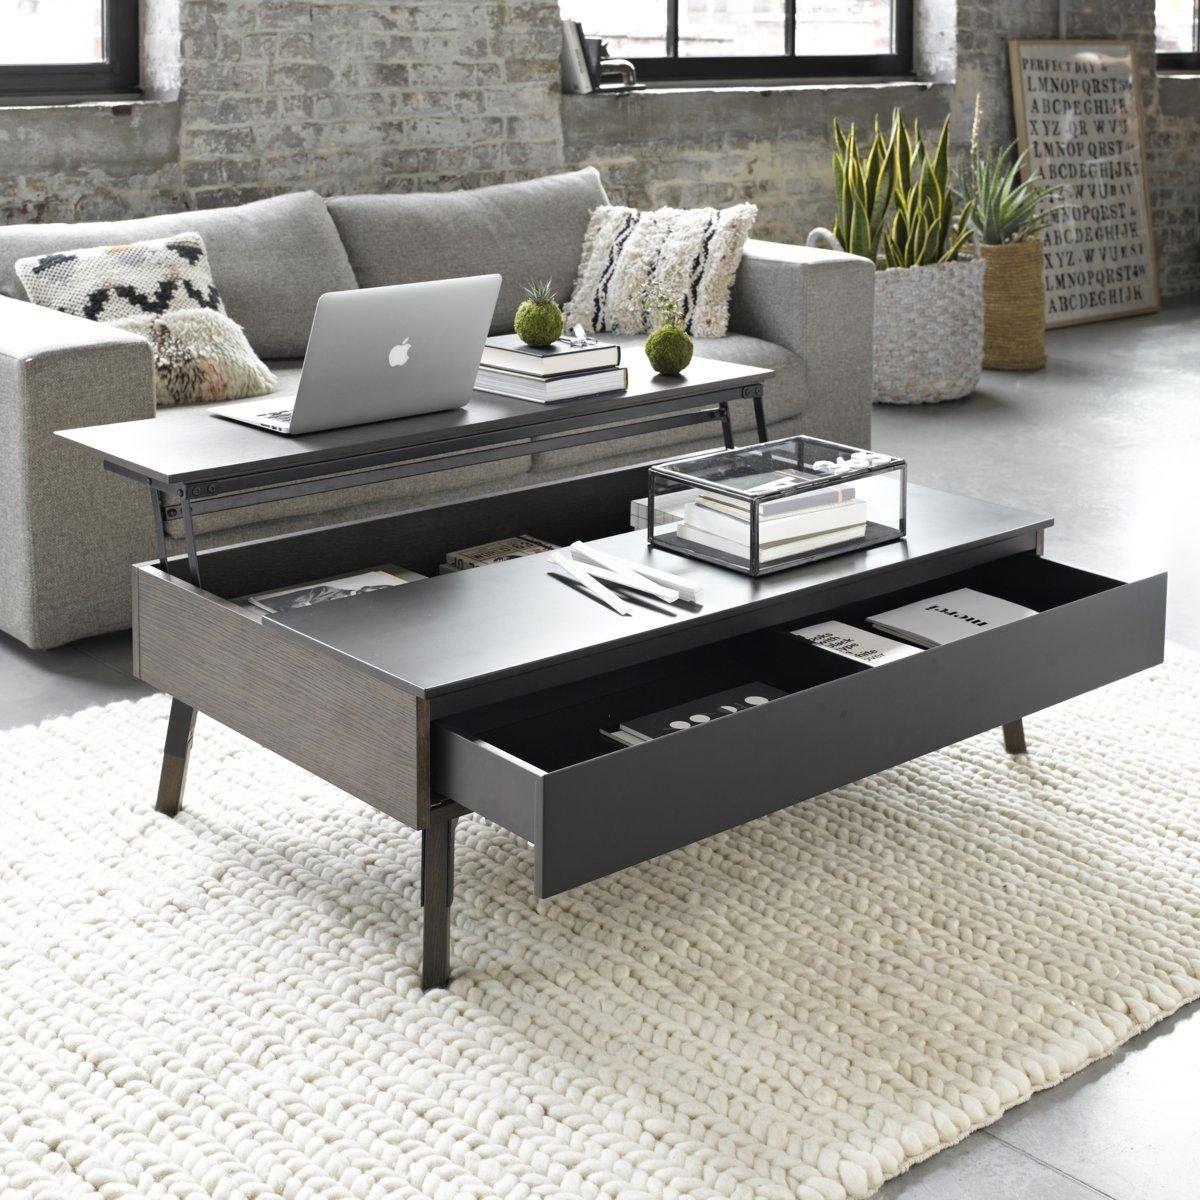 table basse irma plateau relevable am pm prix avis notation livraison table basse a la fois decorative et fonctionnelle elle permet aussi de gagner